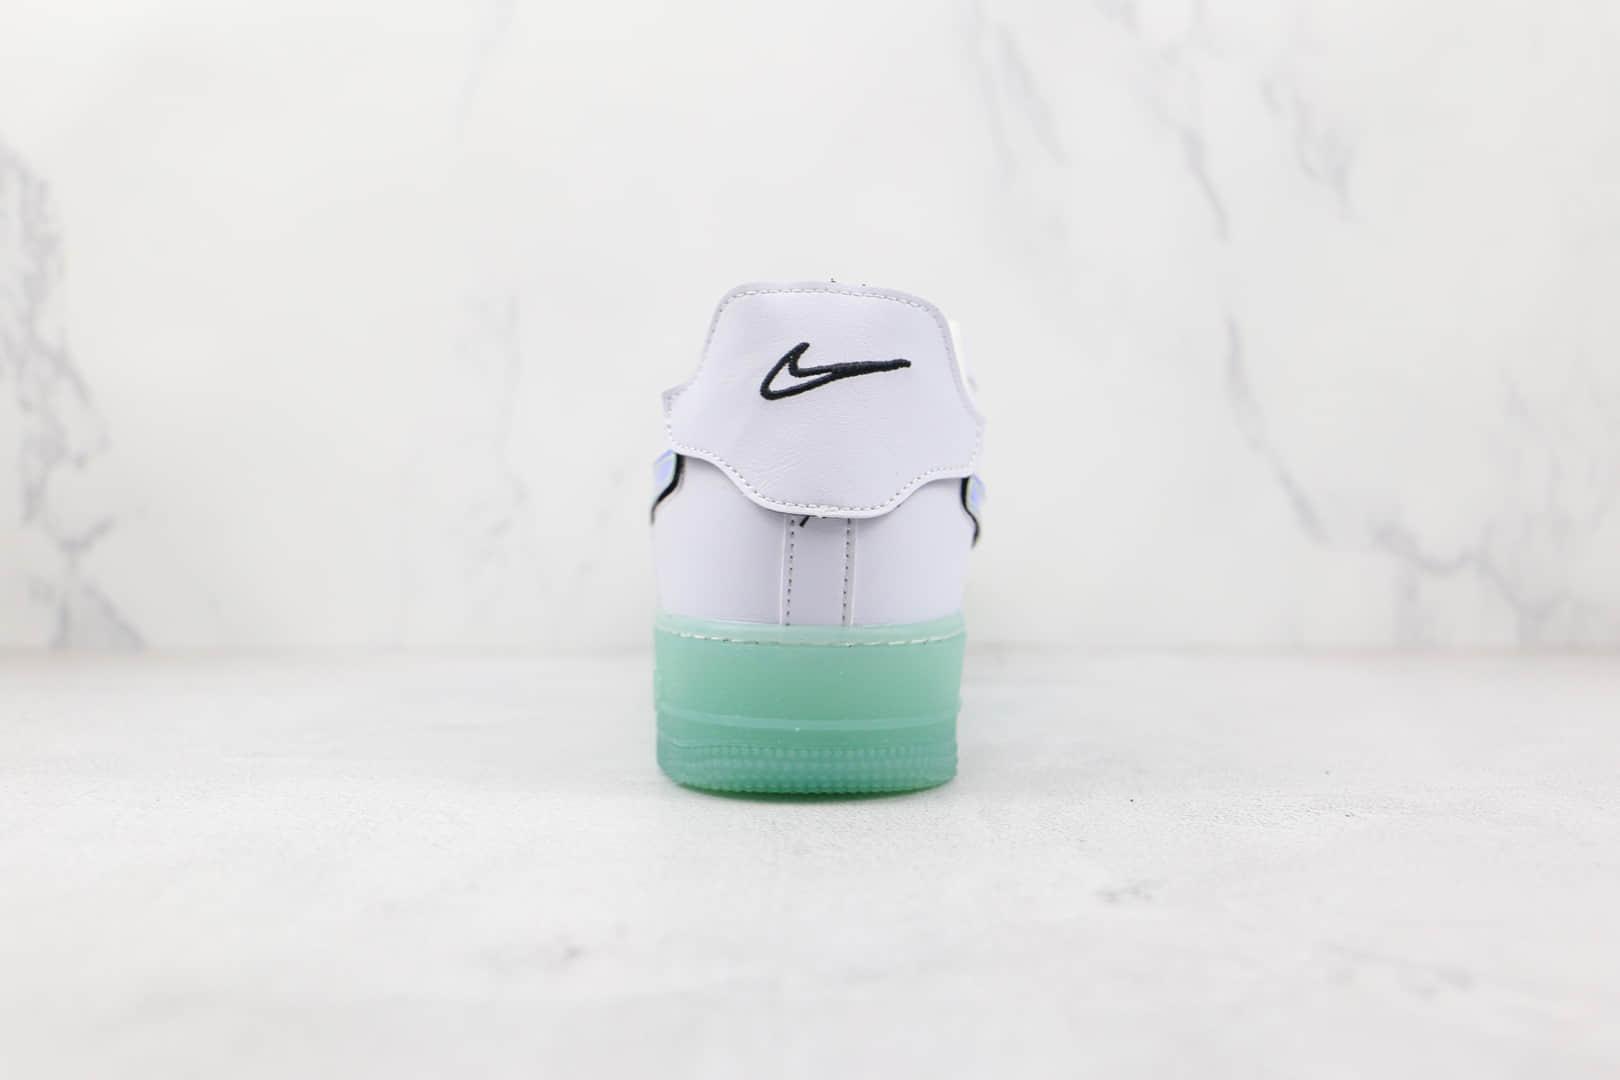 耐克Nike Air Force 1纯原版本低帮空军一号白金色换钩魔术贴夜光底板鞋原盒原标 货号:DH7341-100